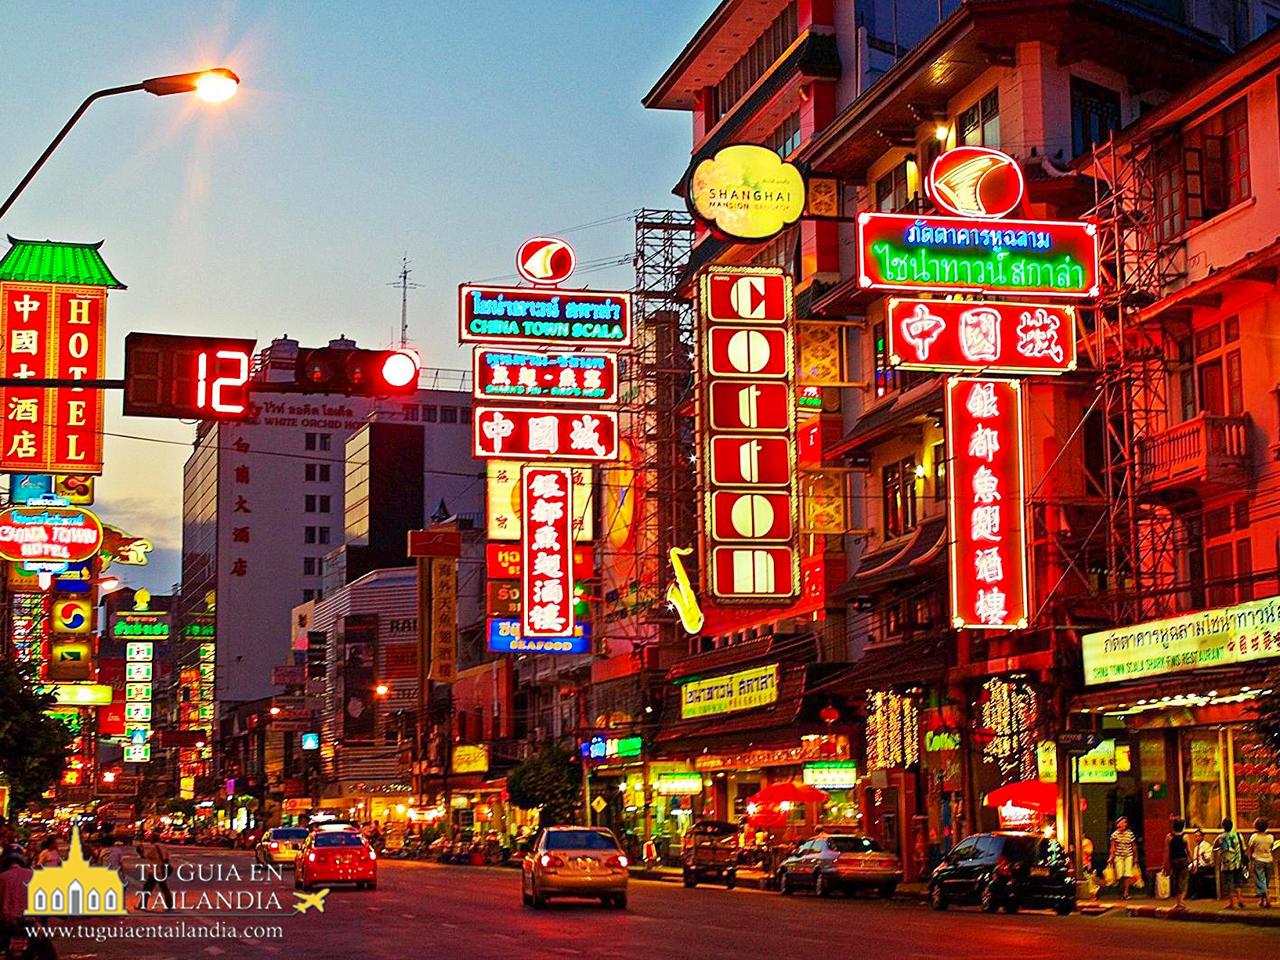 tour gratuito por bangkok